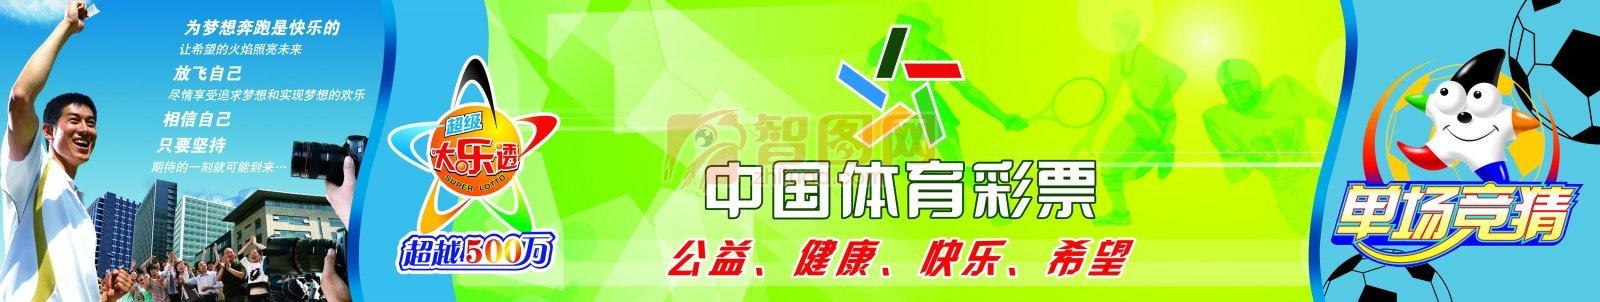 体育彩票广告海报